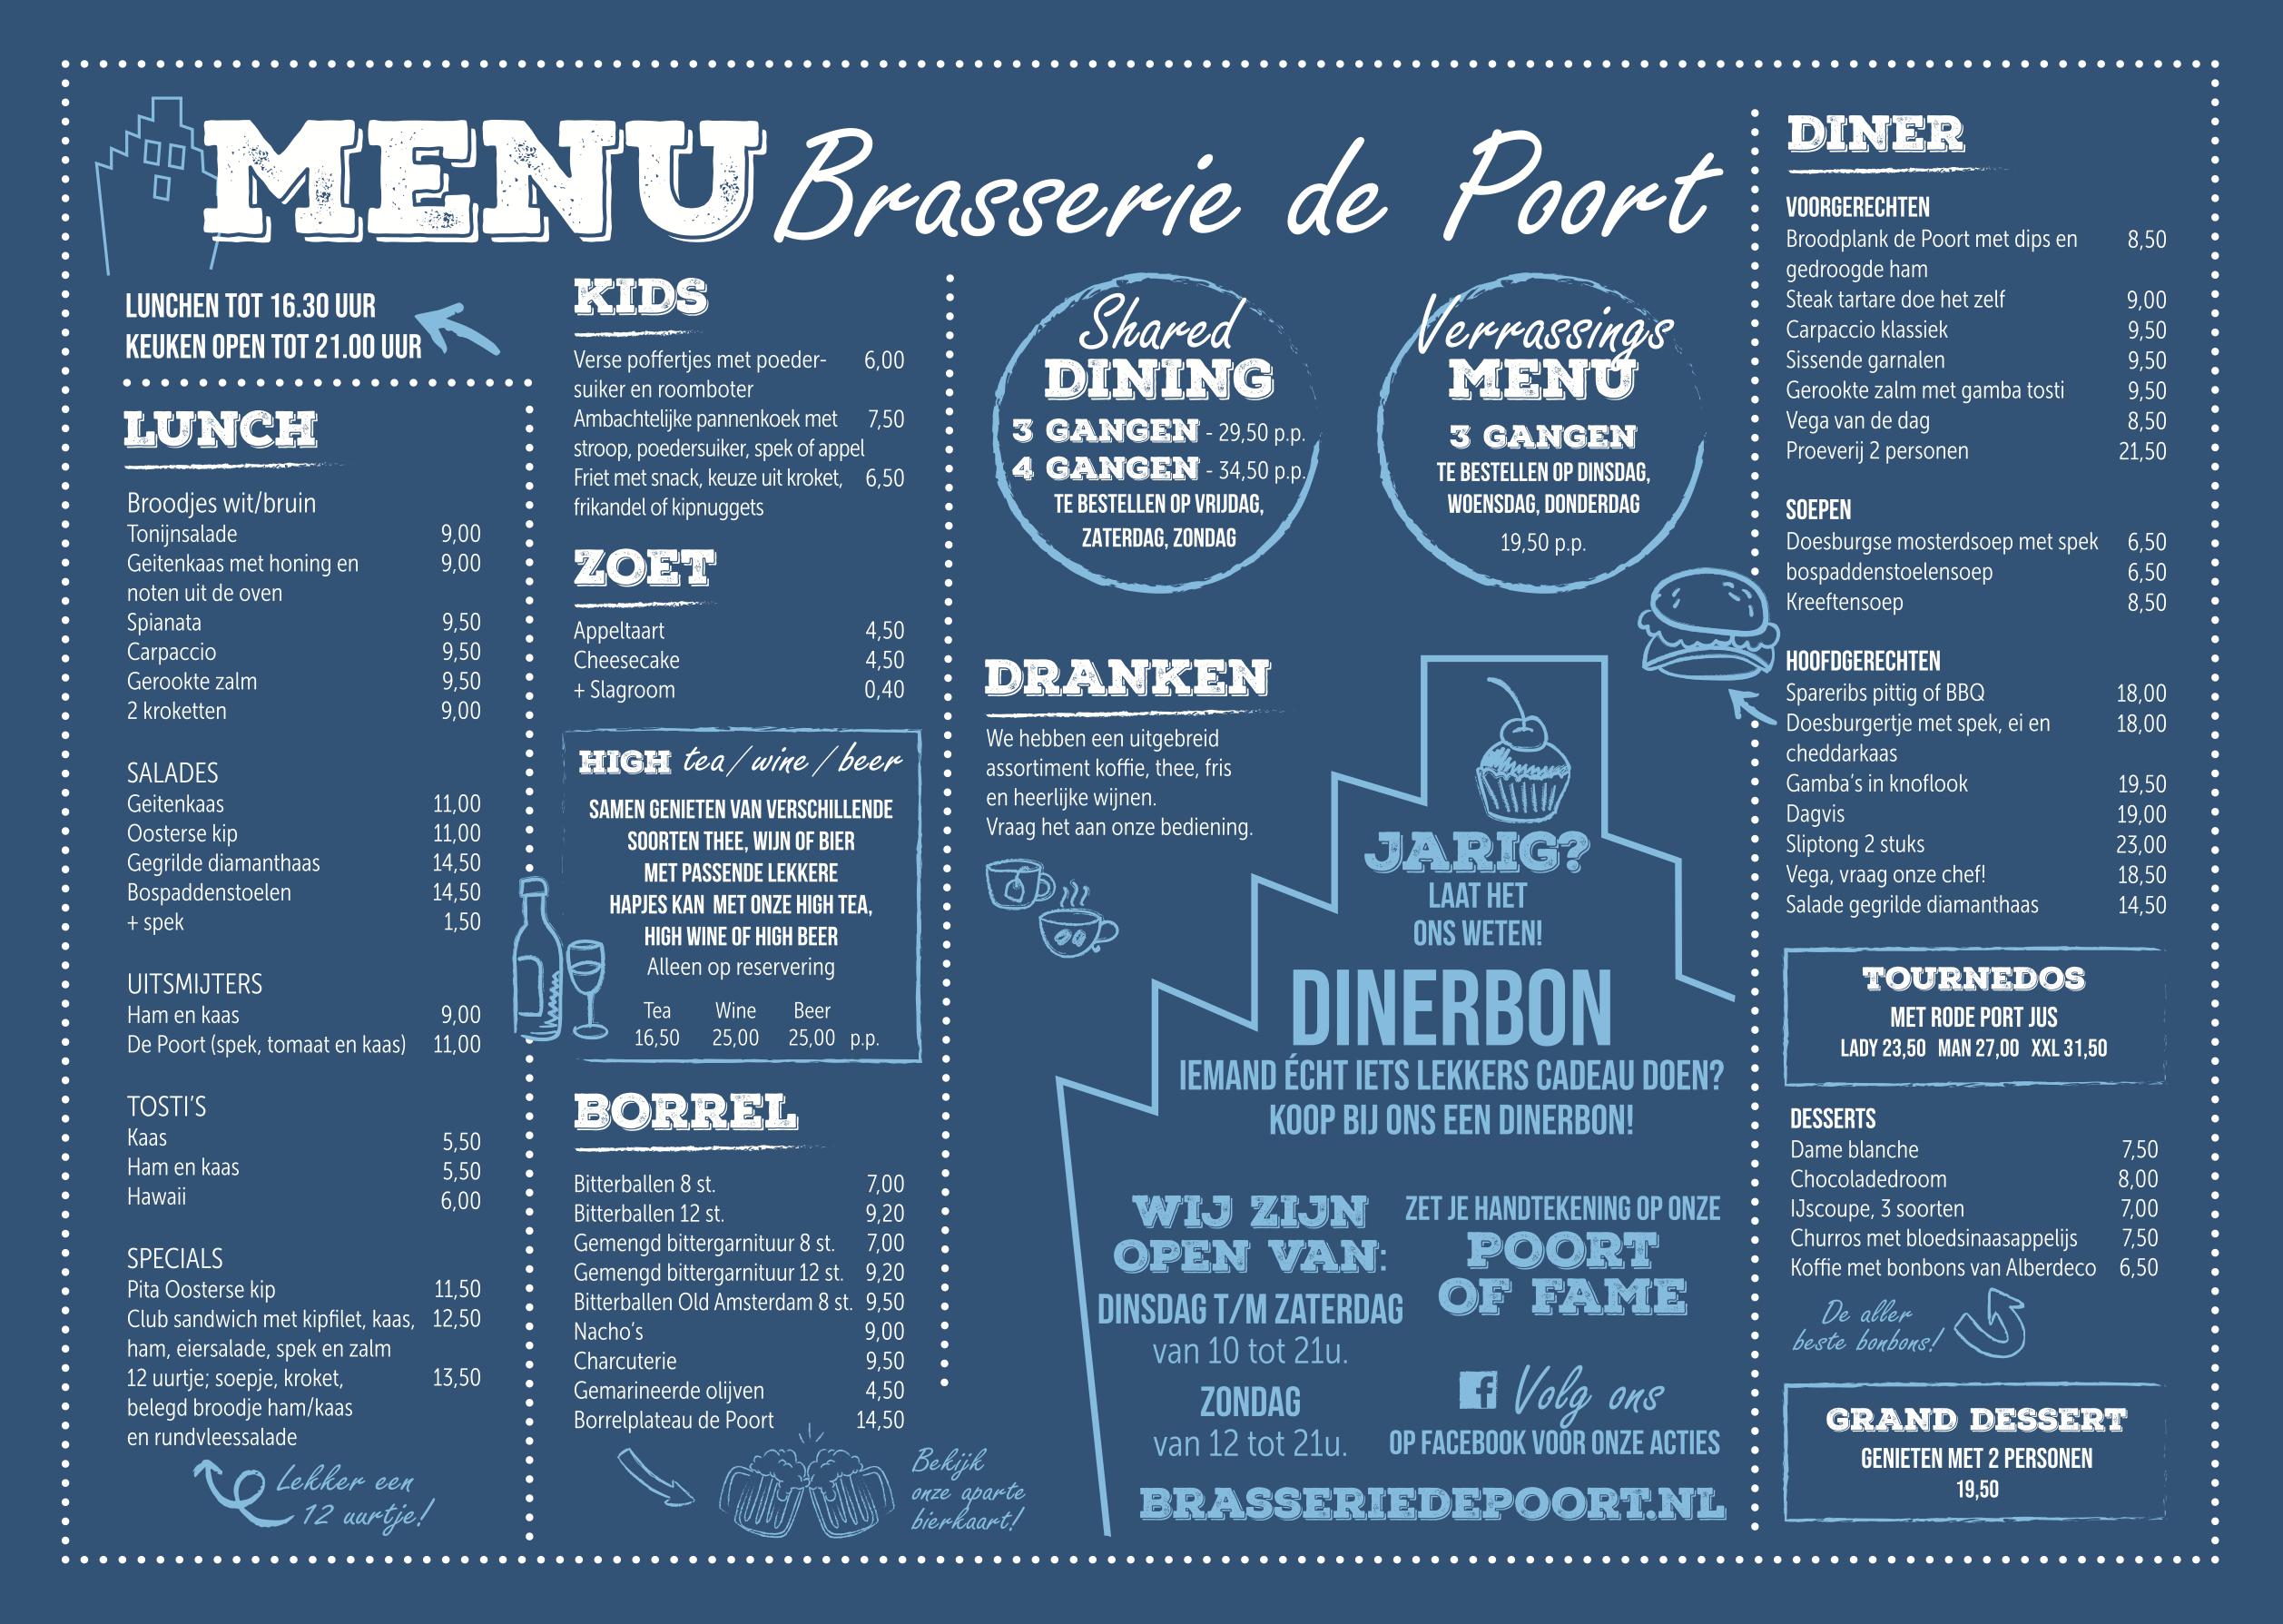 menu brasserie de poort doesburg